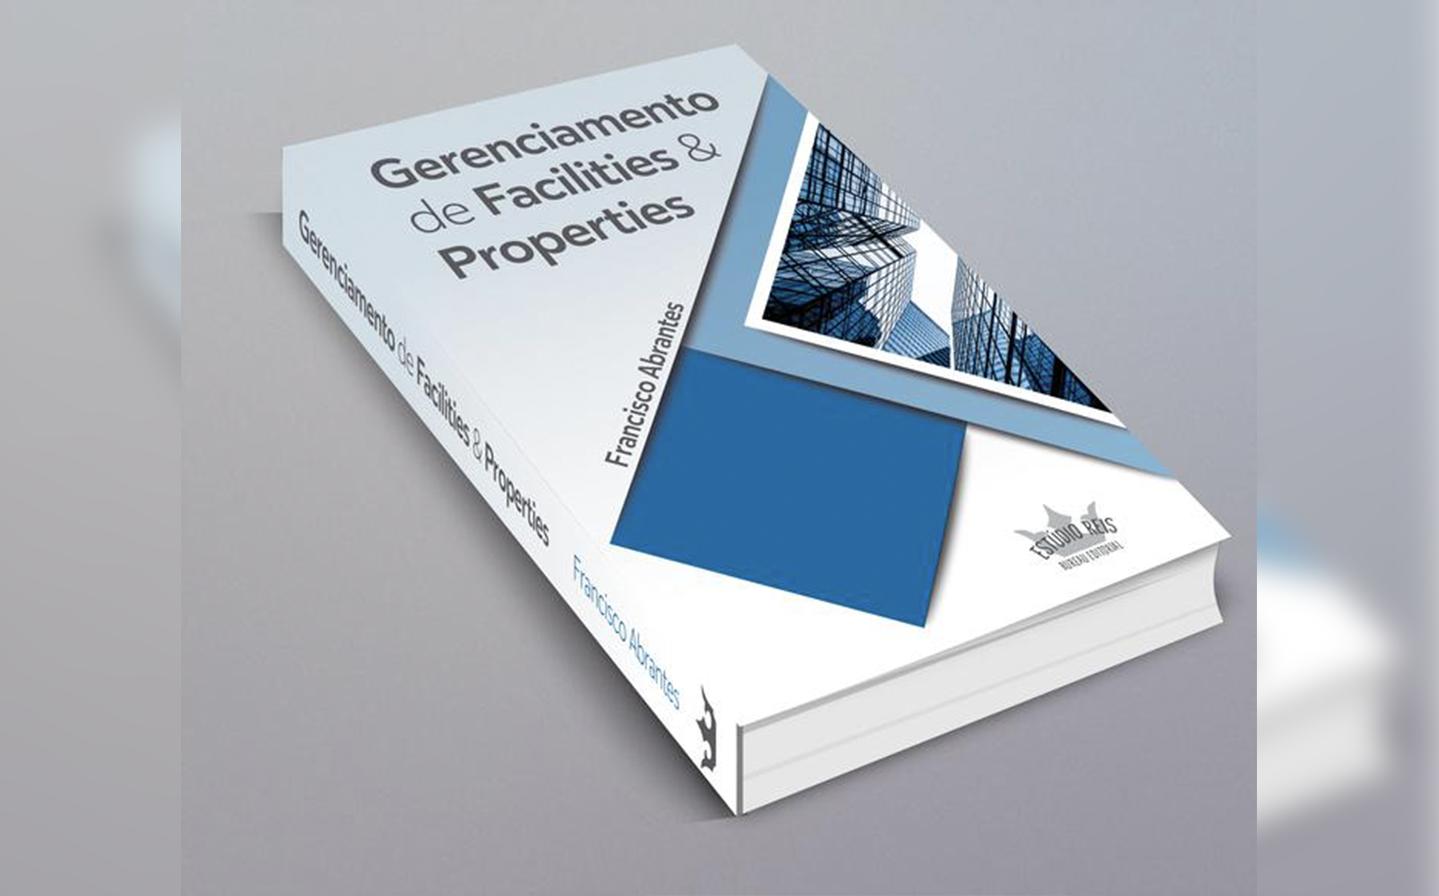 Livro Gerenciamento de Facilities e Properties – Francisco Abrantes